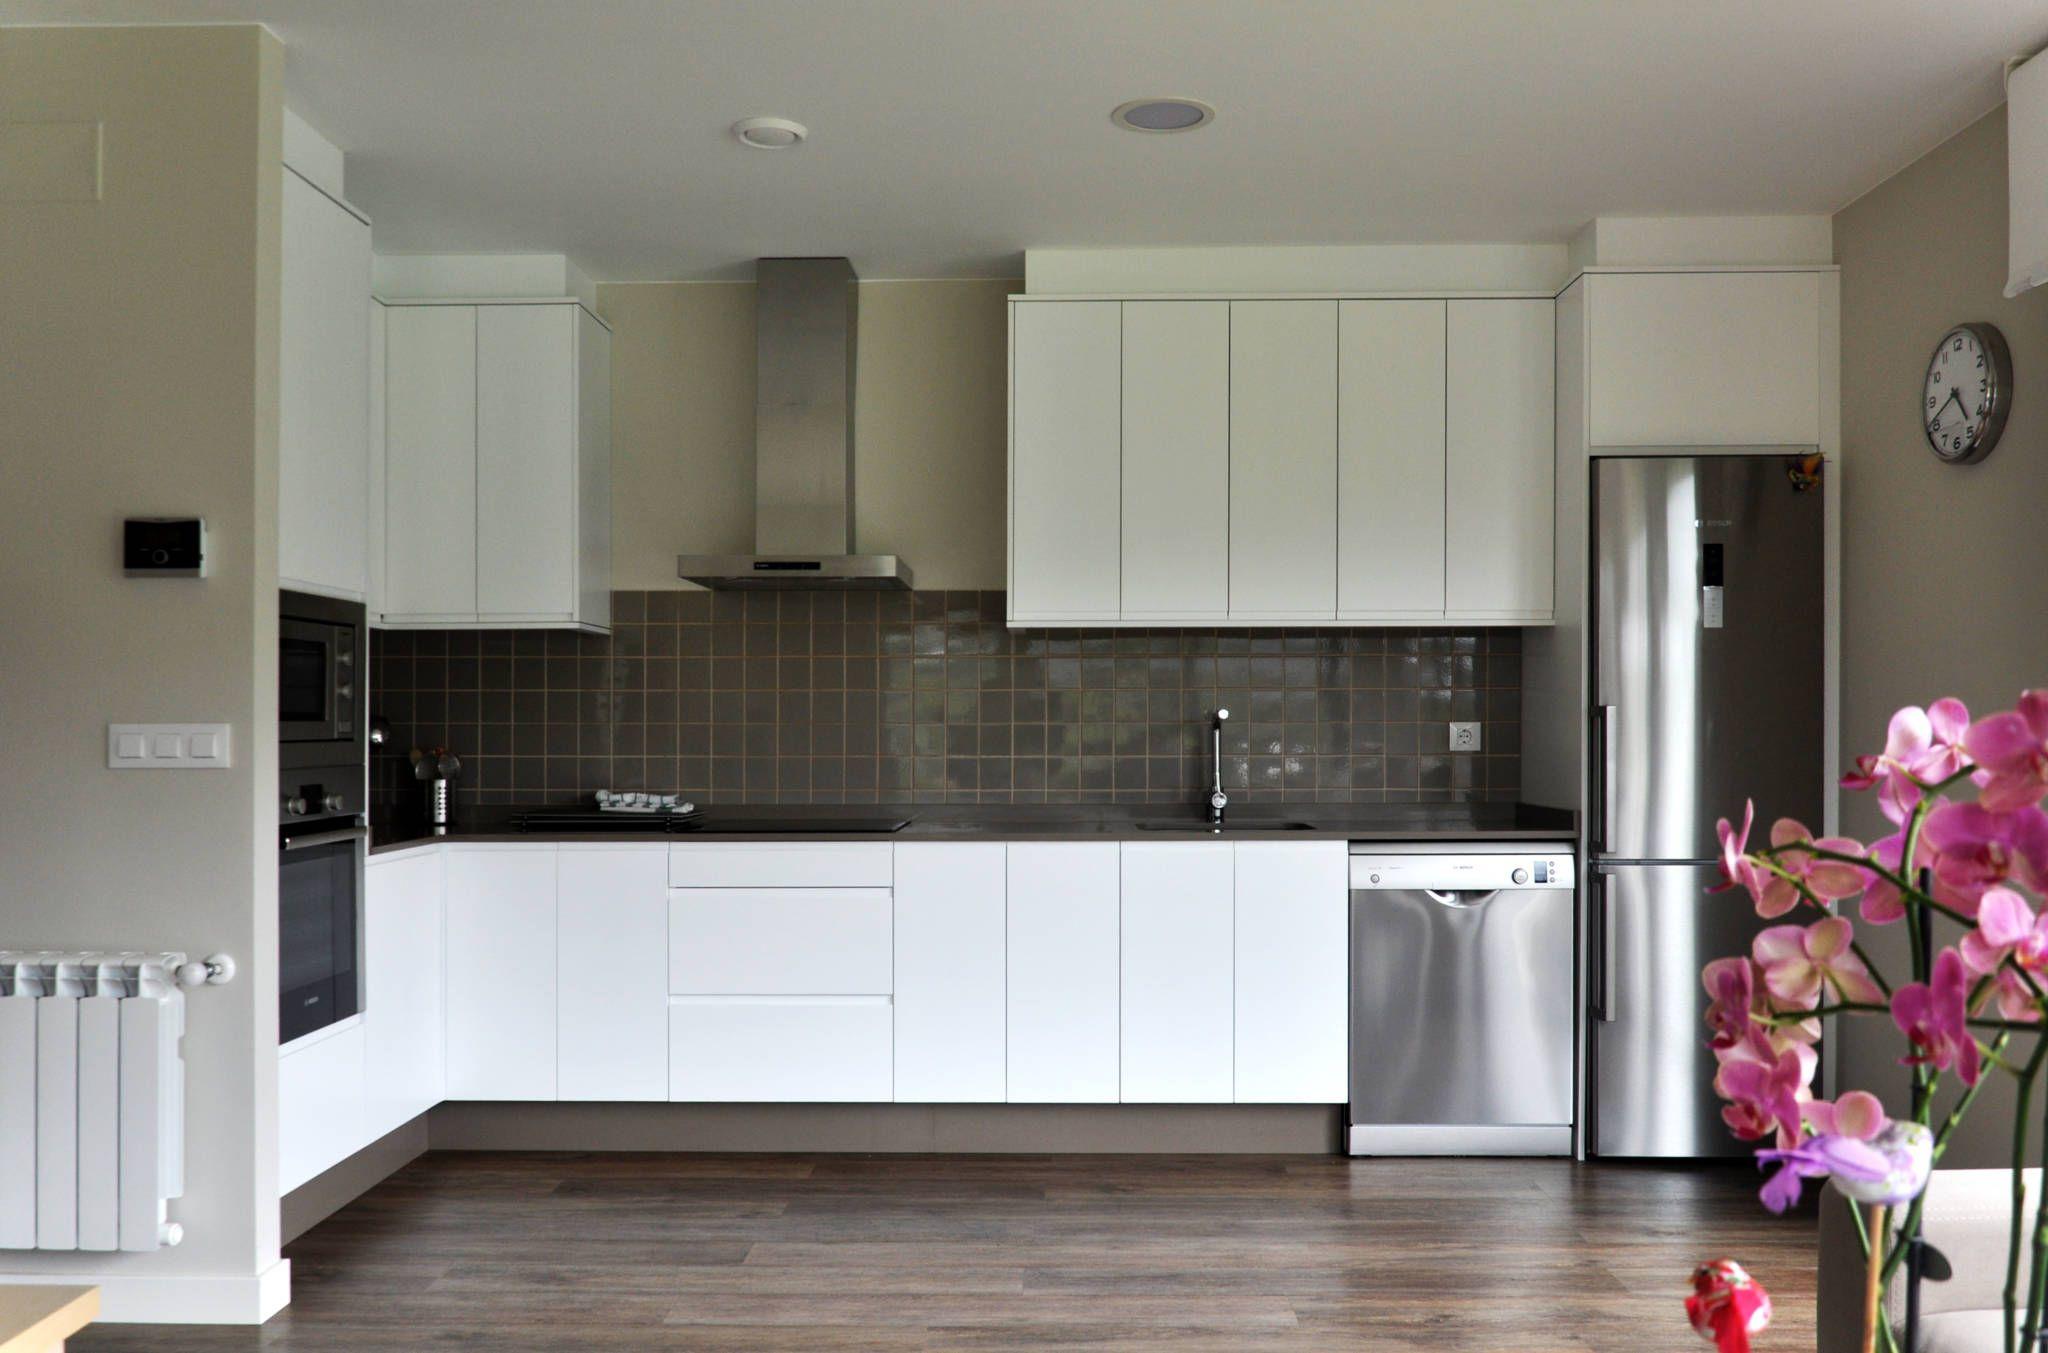 Ideas, imágenes y decoración de hogares | Casa prefabricada, Cocina ...